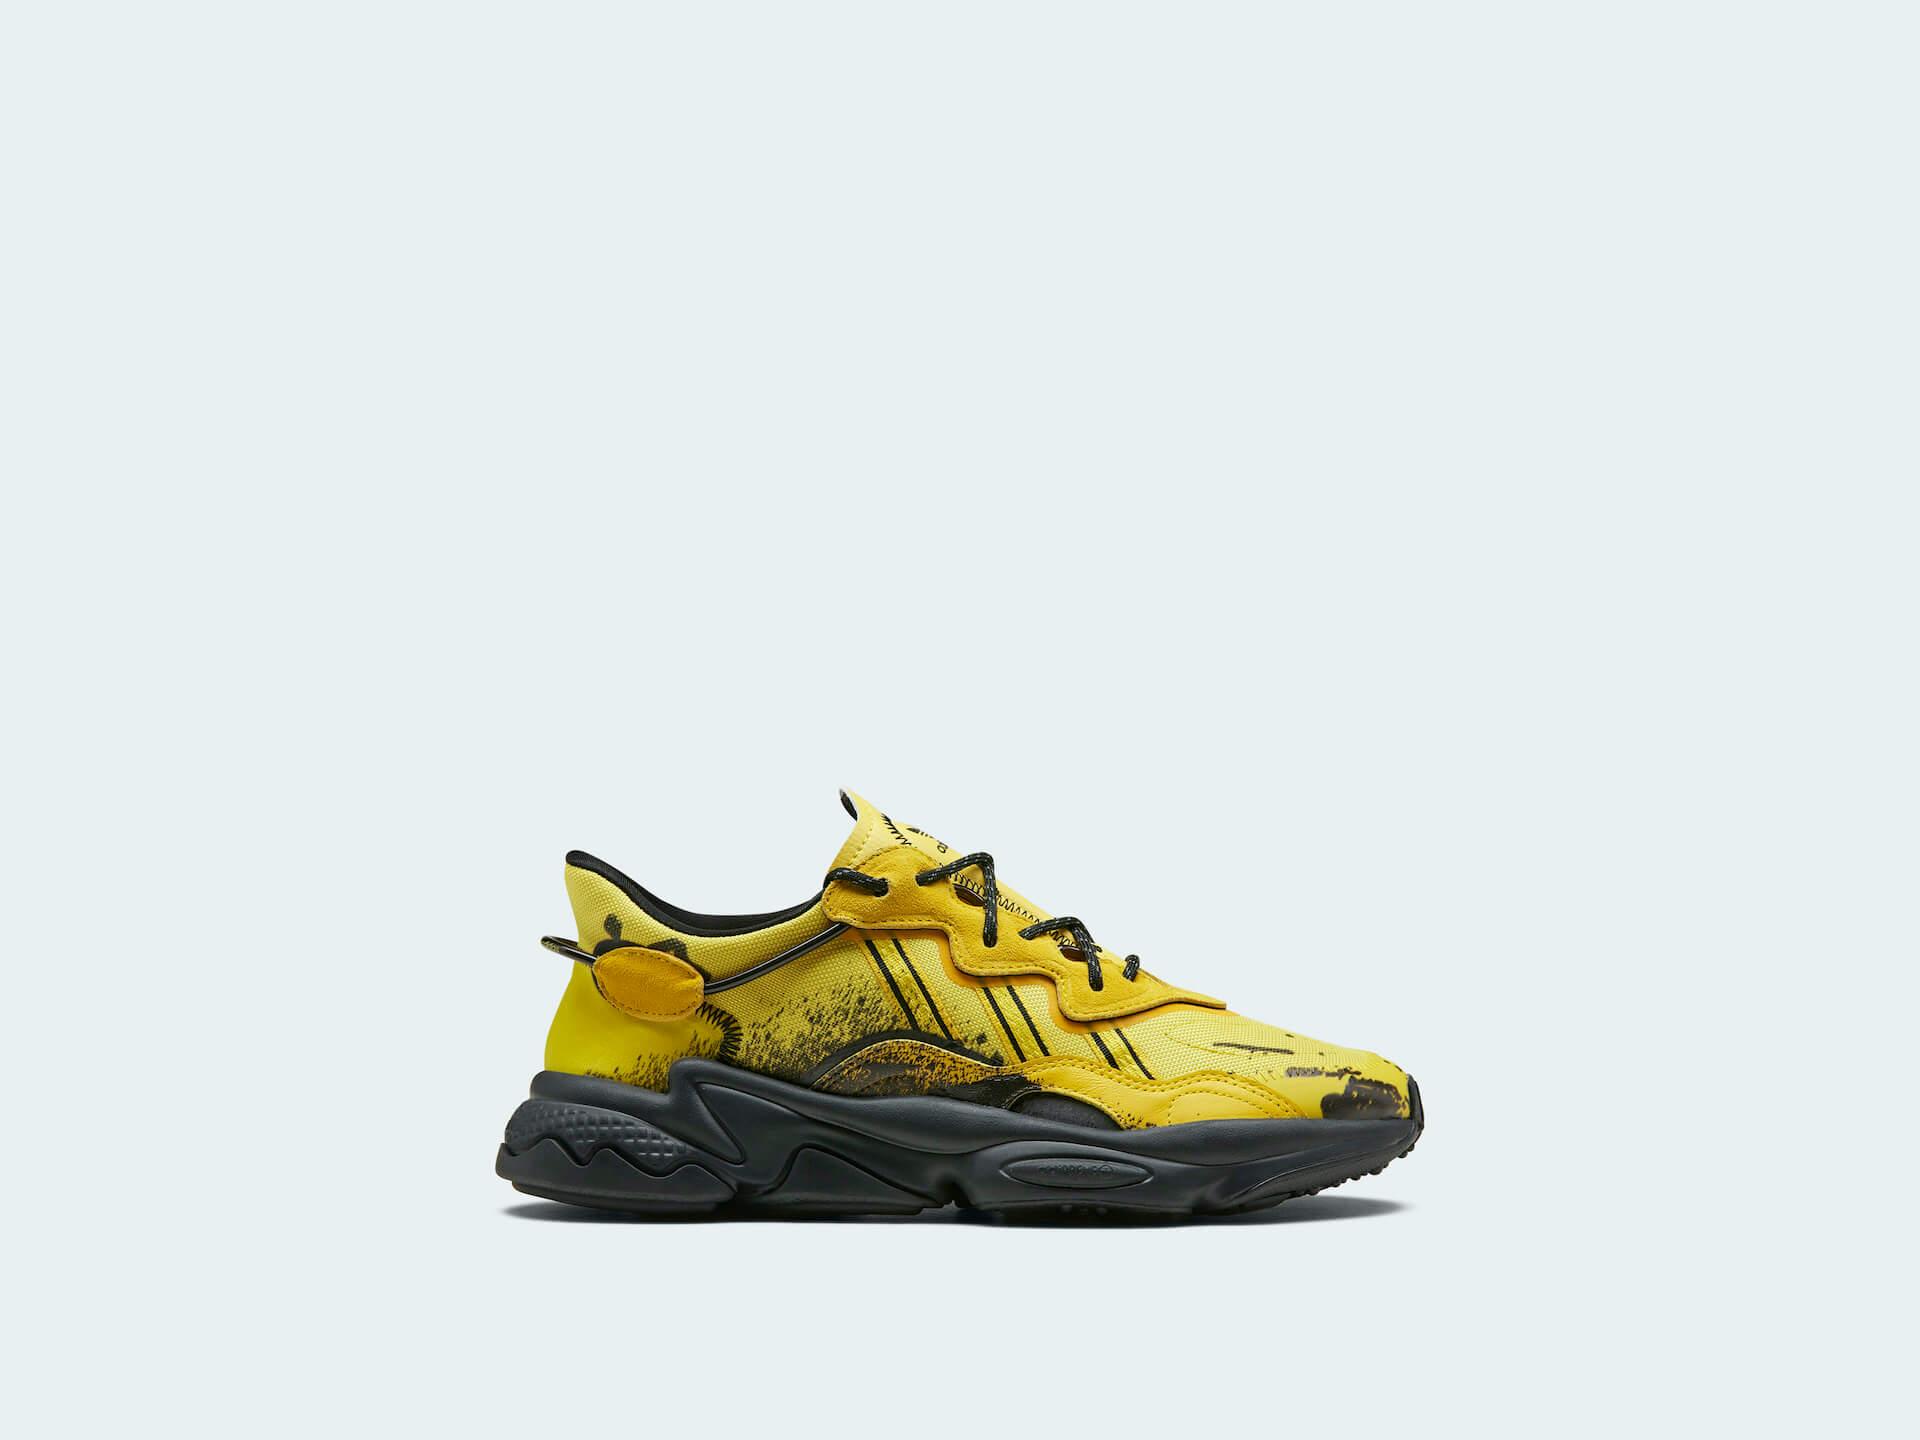 adidas Originals × Angel Chenのカプセルコレクションが登場!水泳や書道からインスパイアされたフットウェア4型 lf200529_adidas_angelchen_19